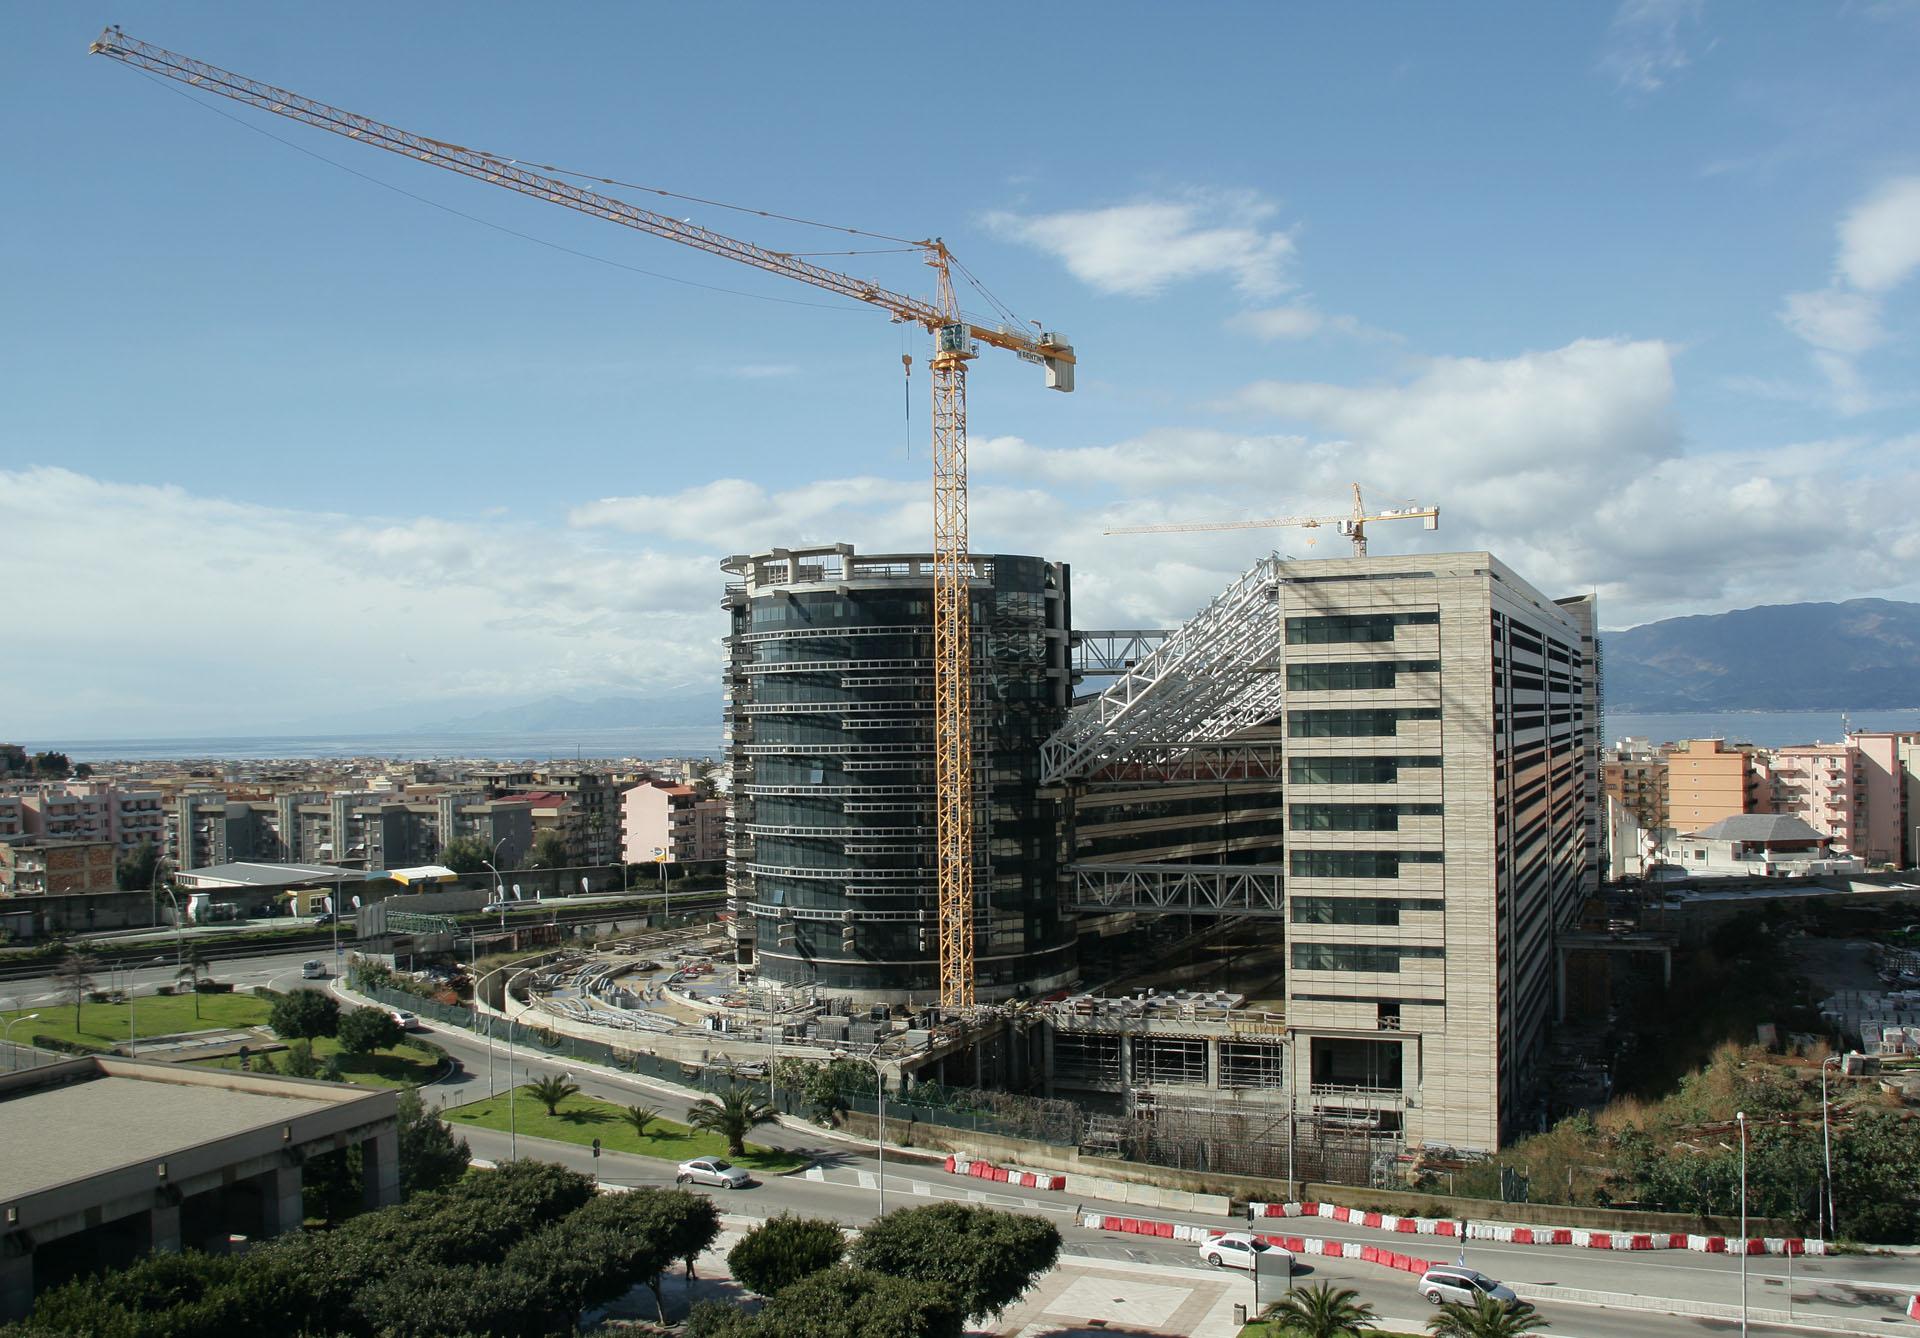 Fillea Cgil sulla crisi settore edile: «Nell'ultimo trimestre il calo delle aziende attive è pari al 7,57%»